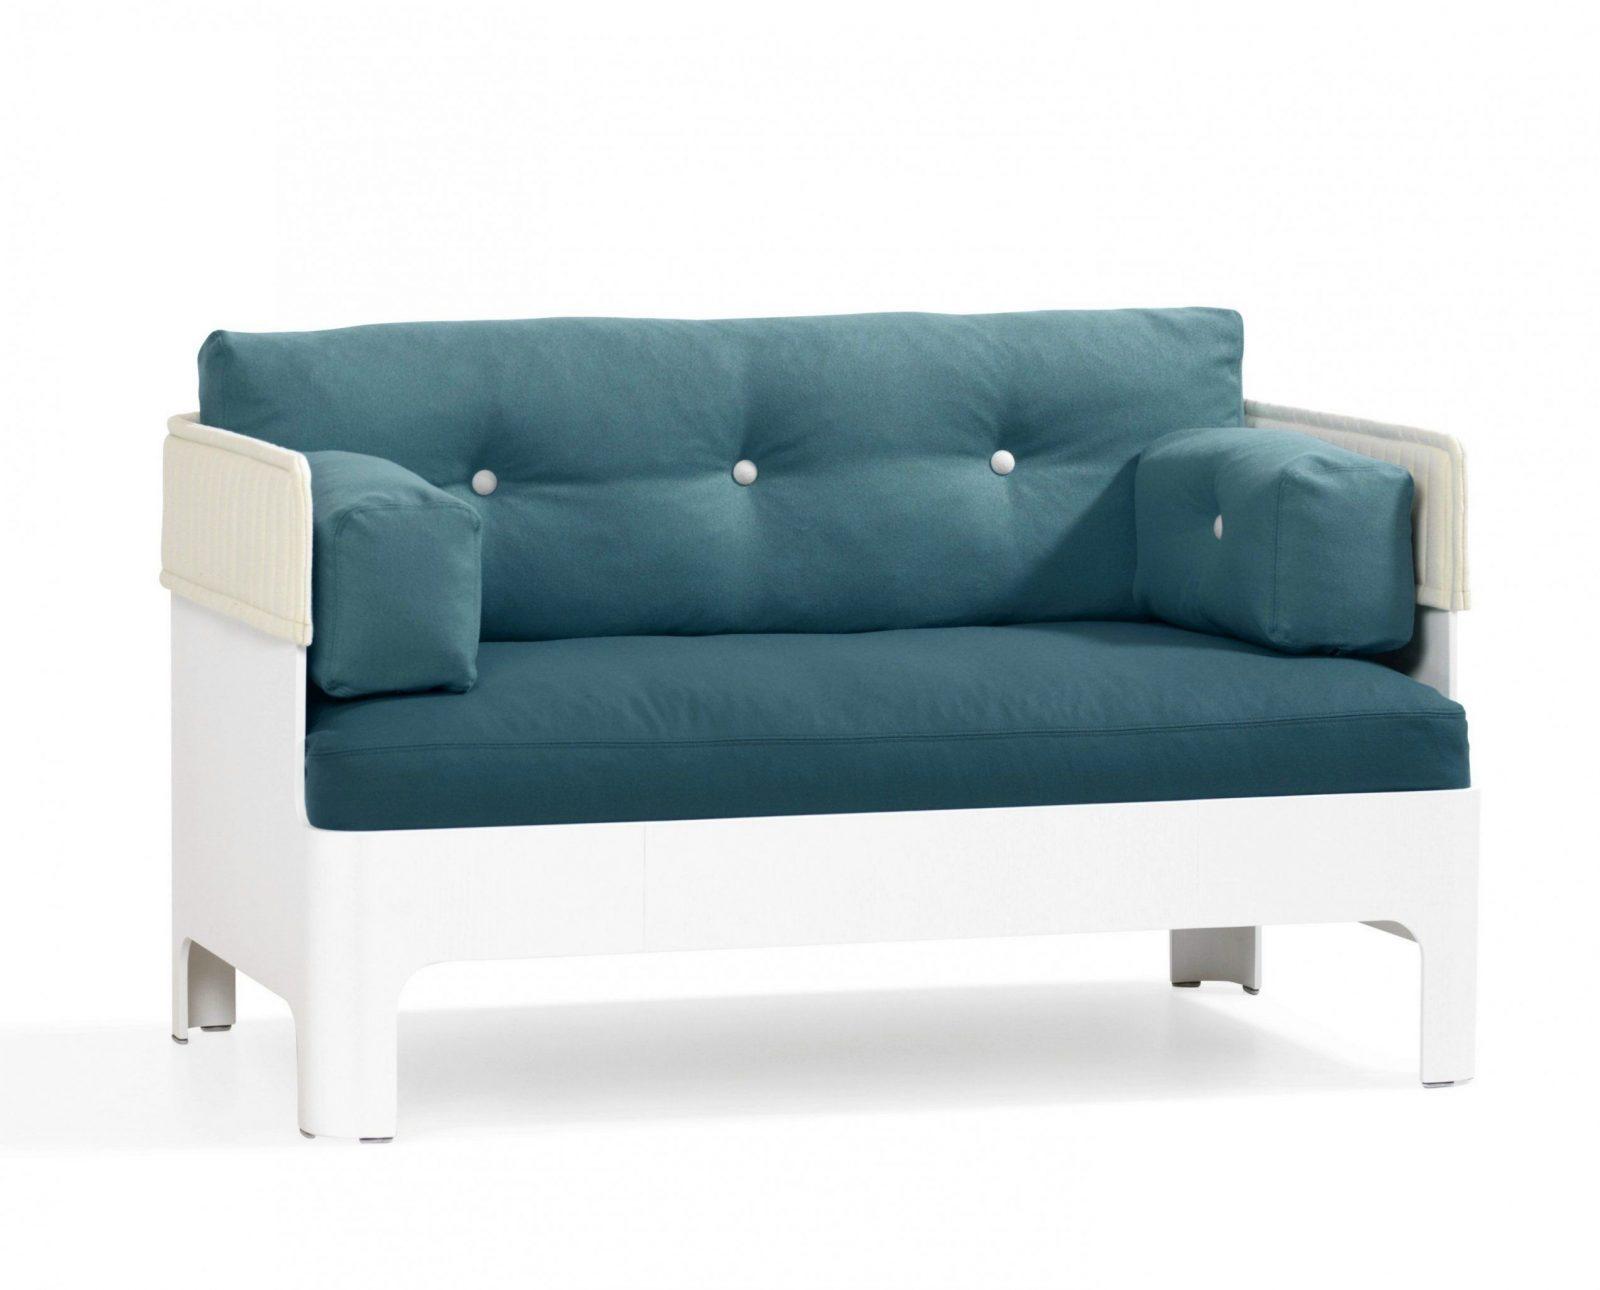 kleines sofa f r jugendzimmer haus design ideen. Black Bedroom Furniture Sets. Home Design Ideas